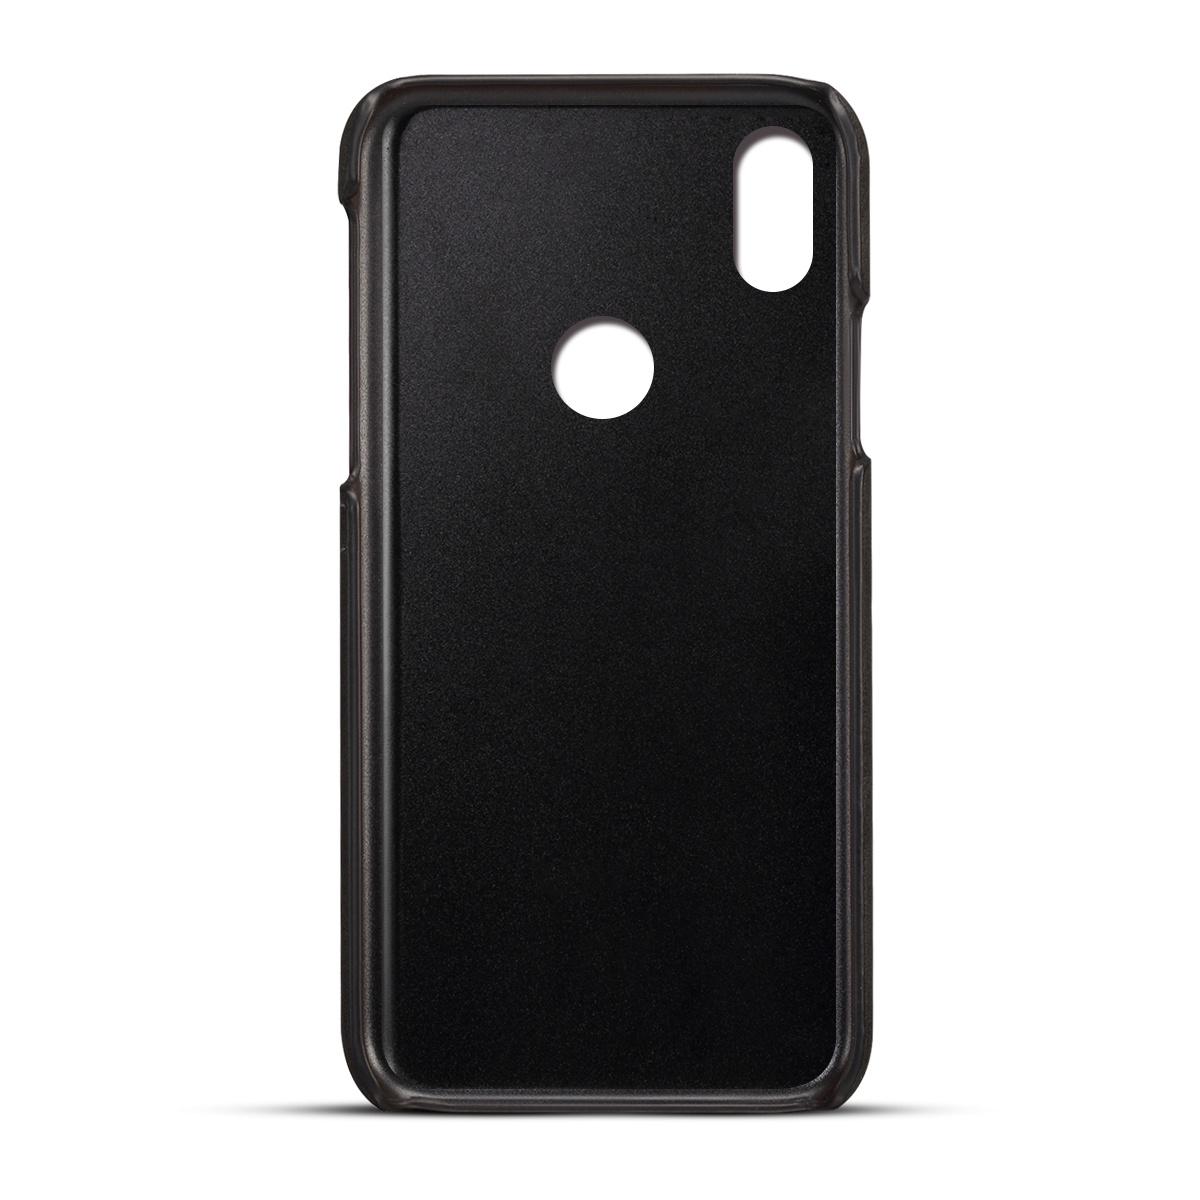 Xiaomi Mi A2 Lite / Redmi 6 Pro Назад Чехол для телячьей кожи Pu кожаный чехол для телефона Tpu с гнездами для карточек Защитная крышка для защиты от царапин (1592)